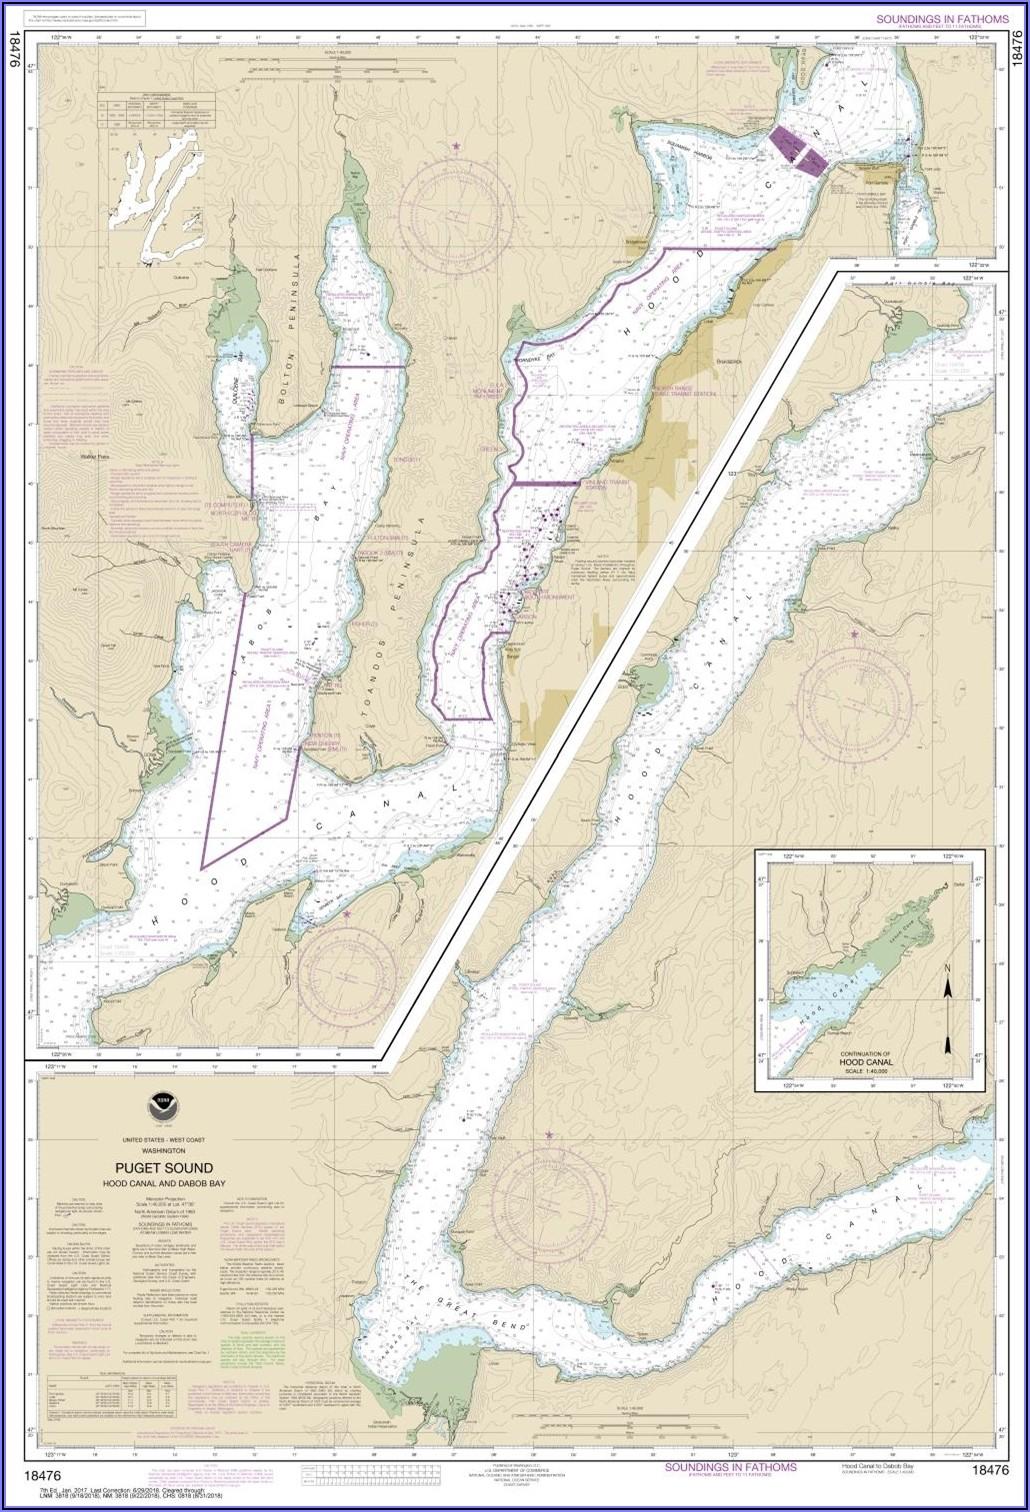 Puget Sound Marine Map